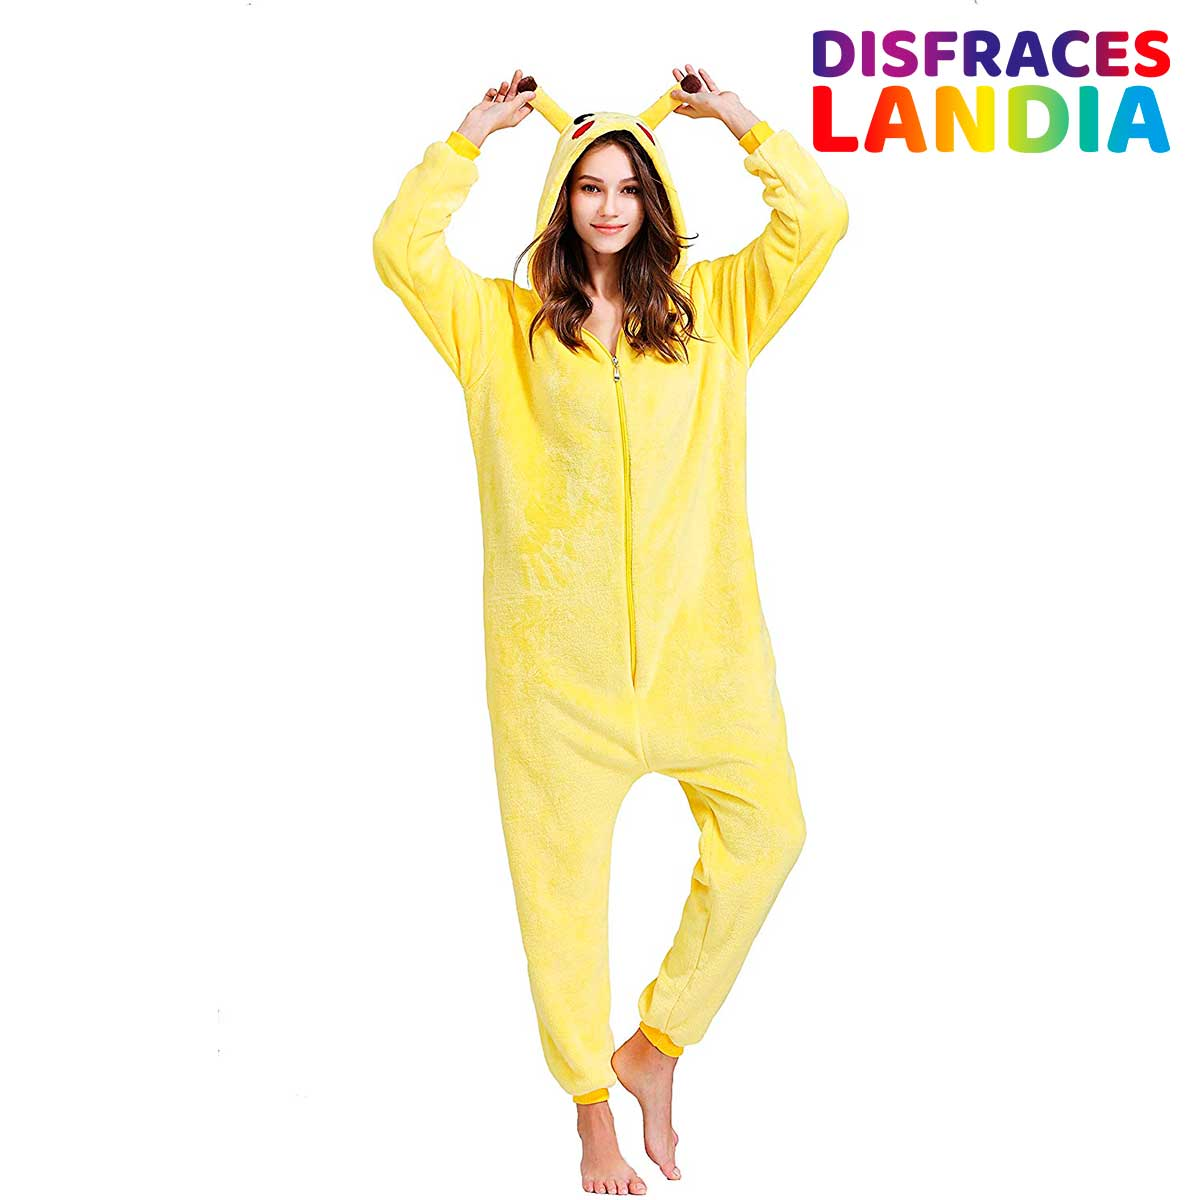 Pijama Animales Cosplay Franela Unisex Comodidad Suave Franela Animales Traje de Dormir Cosplay Ropa de Salón Pijamas Pijama Animales Cosplay Franela Unisex